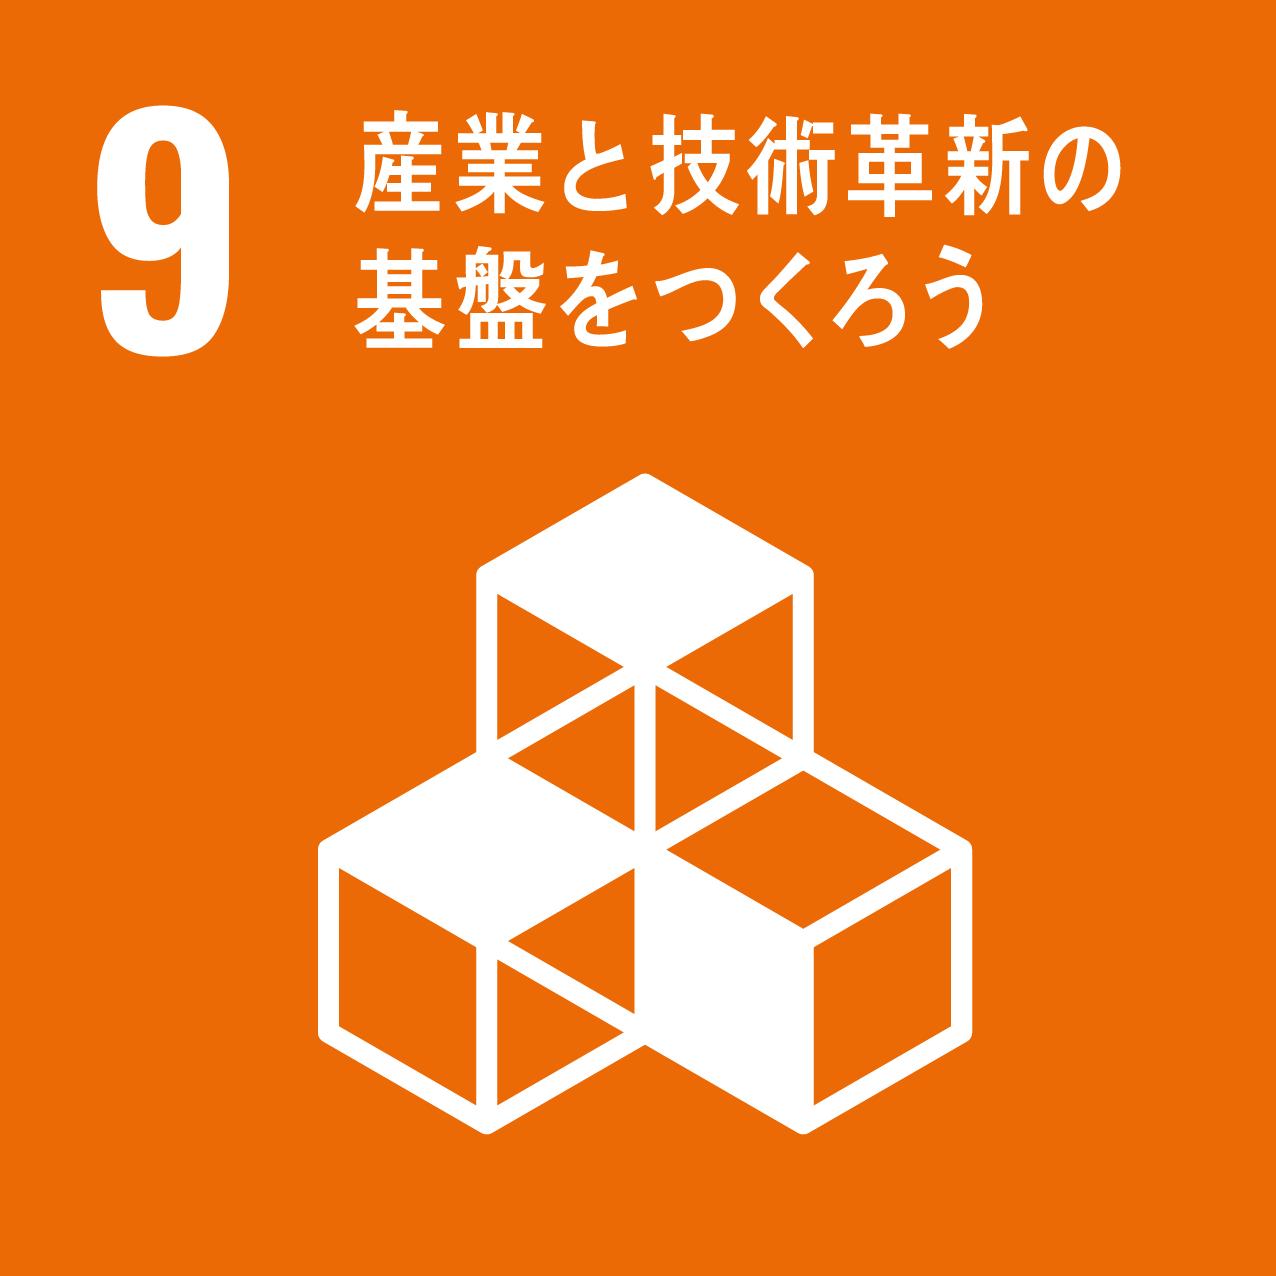 9:産業と技術革新の基礎をつくろう